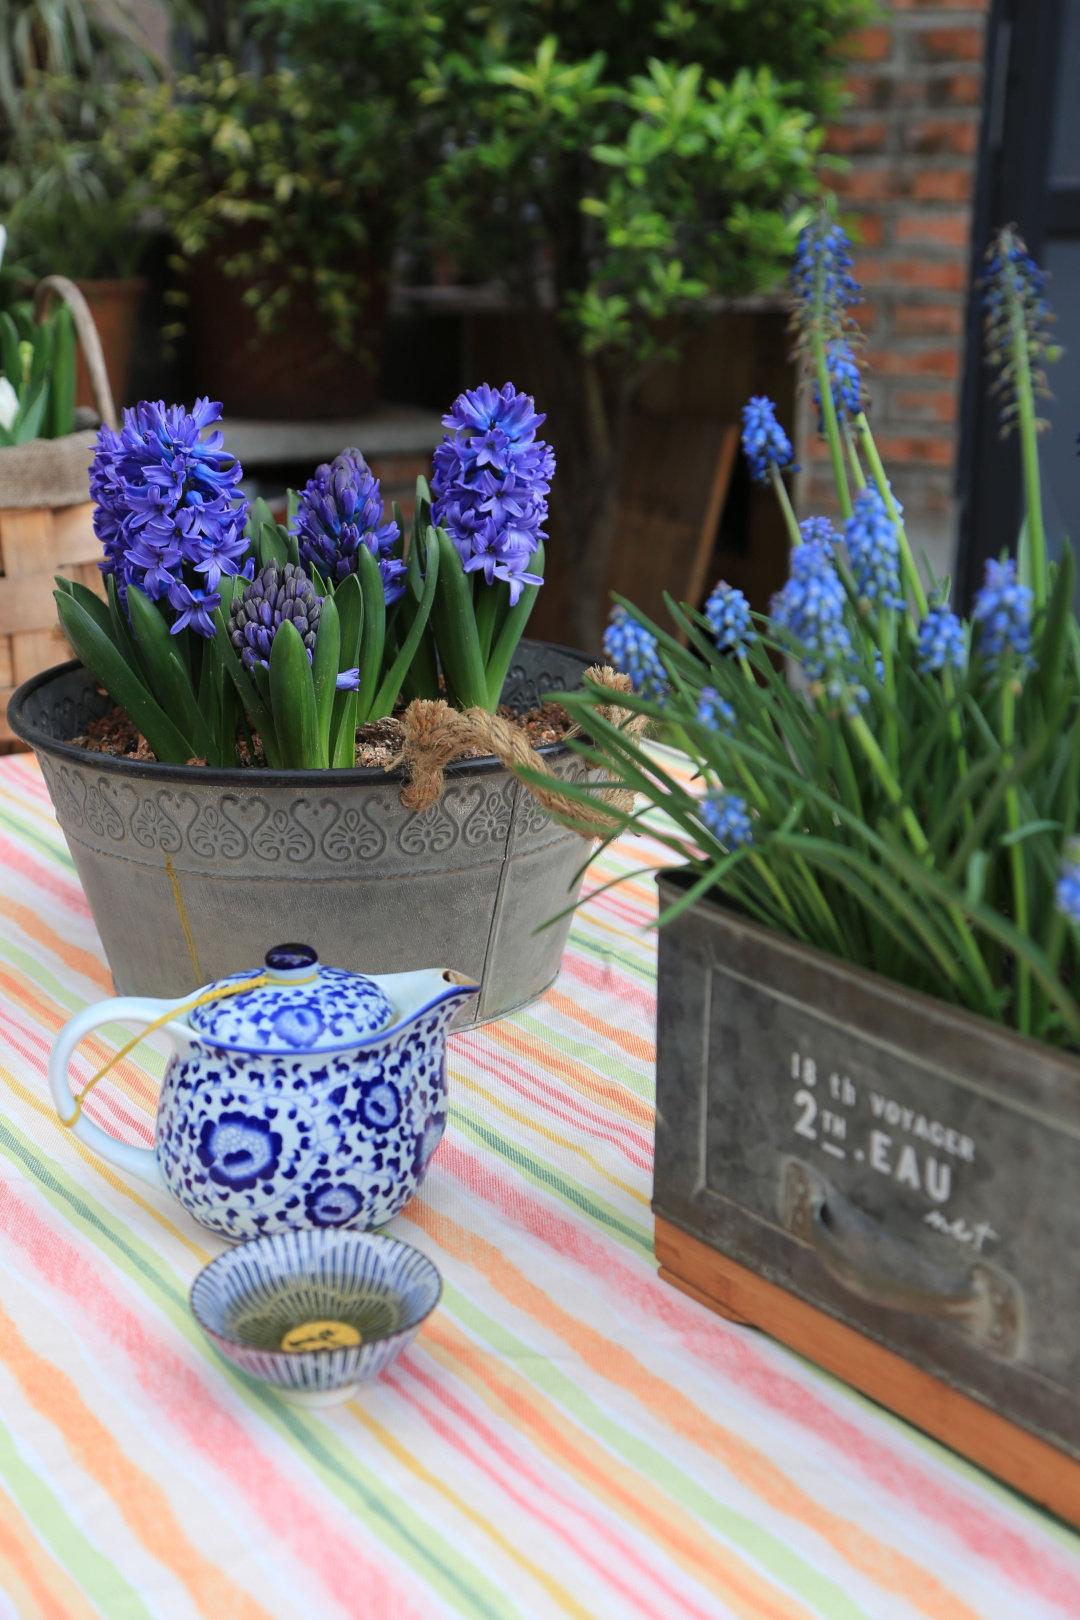 Khu vườn quanh năm chỉ có mùa xuân với hoa nở tưng bừng của cô giáo dạy Toán-14